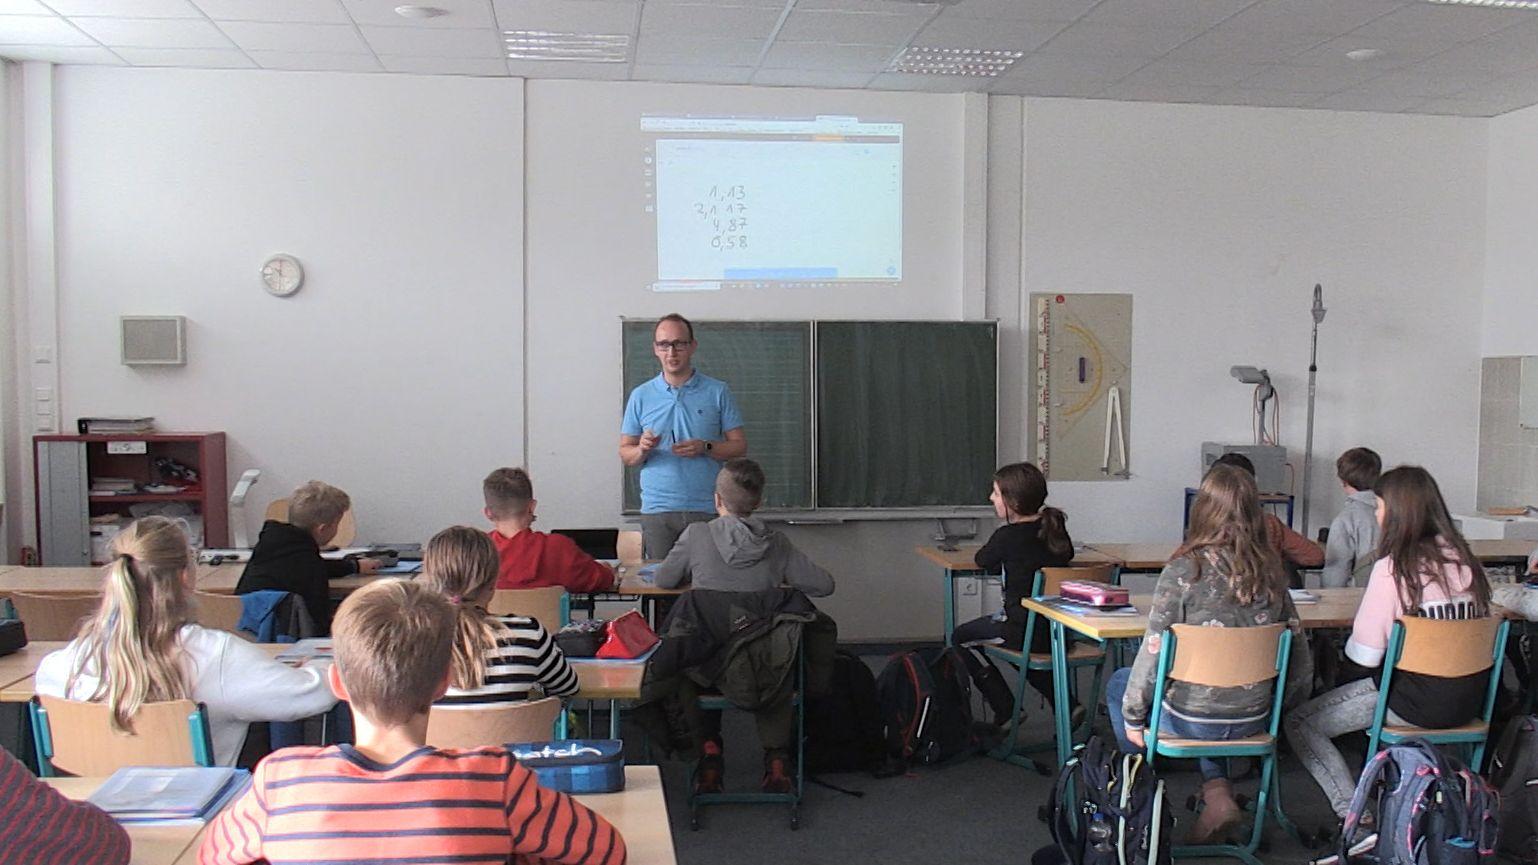 Lehrer im Klassenzimmer mit Schülern.